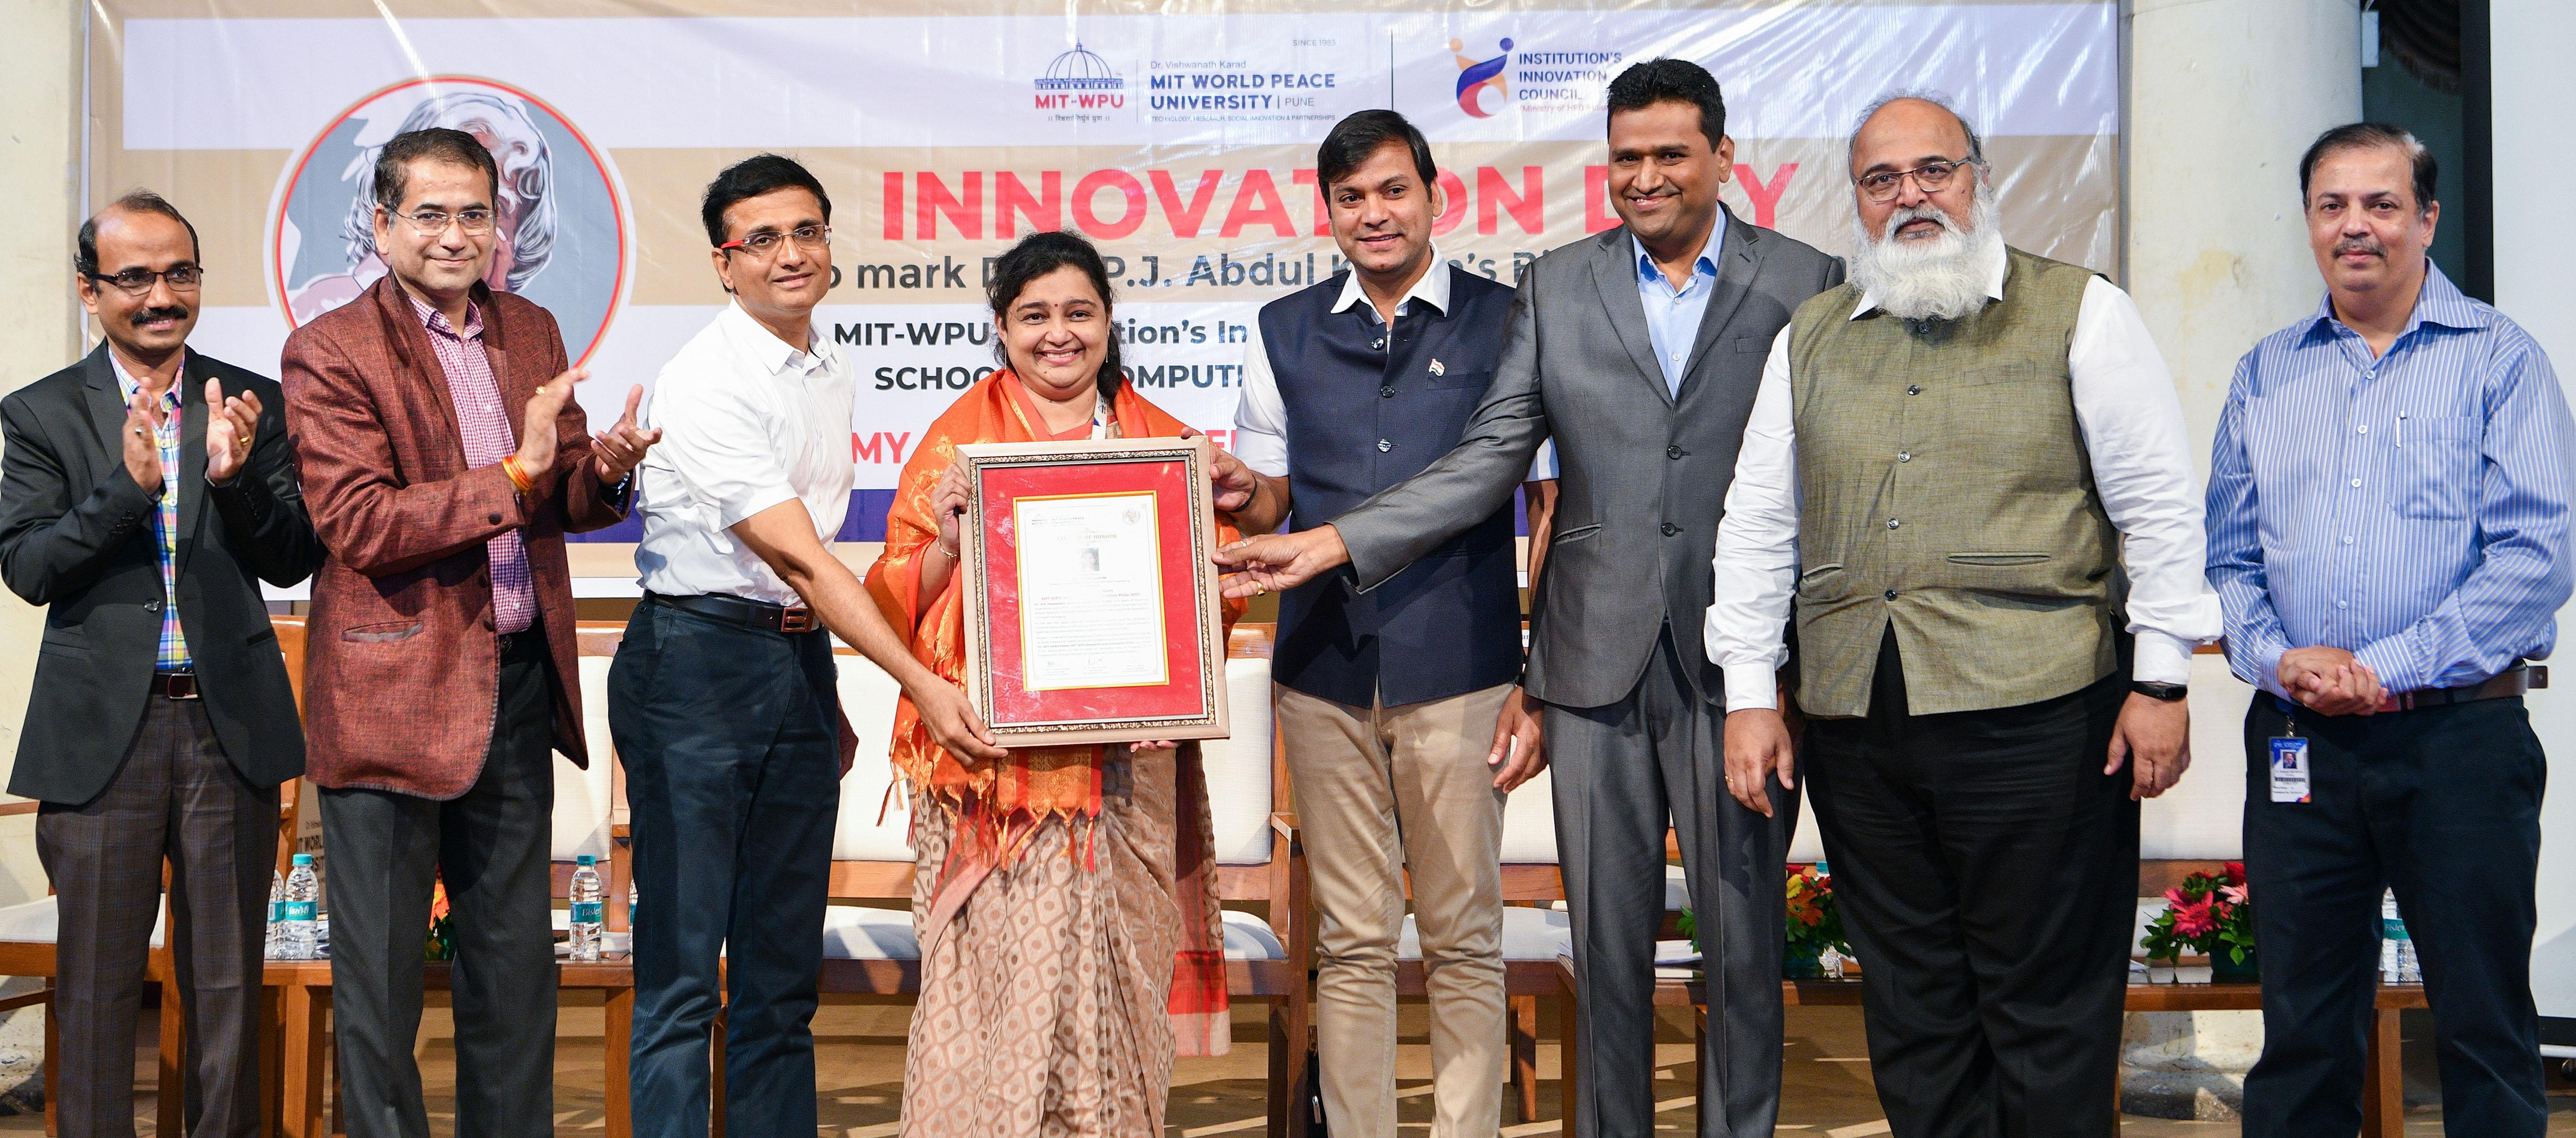 बुध्दिमत्तेचा उपयोग करून सृजनशीलता जपली पाहिजे- डॉ. संजय काटकर